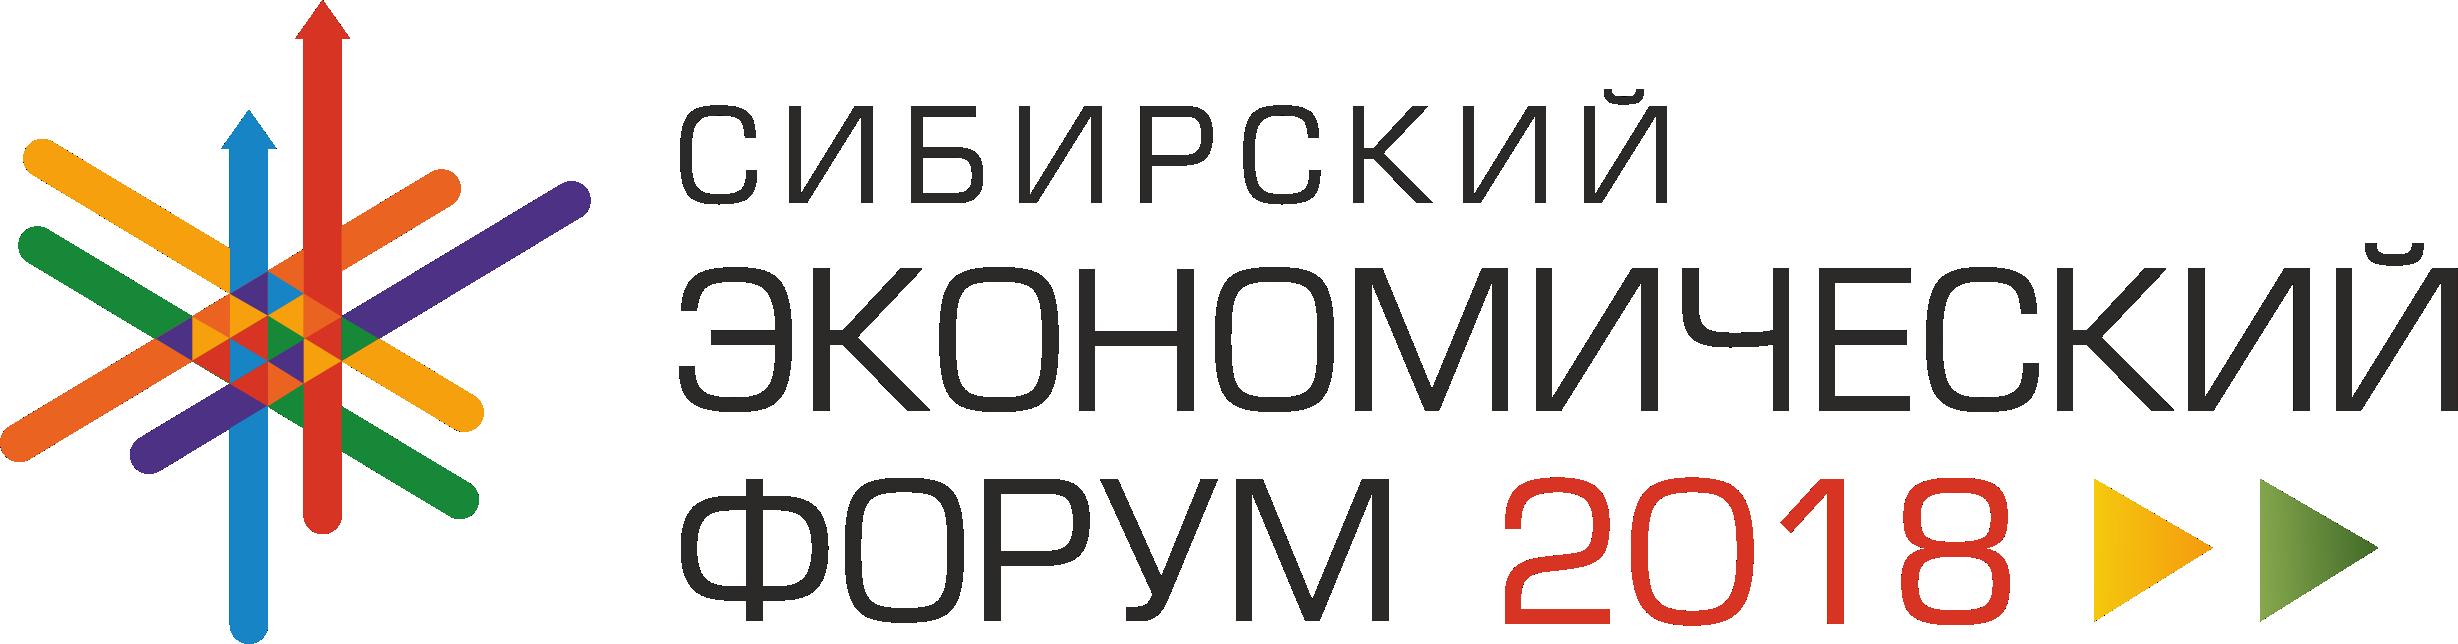 http://omsk.tpprf.ru/upload/iblock/fba/fbaf0f80a31cf4243648a107a0309174.png